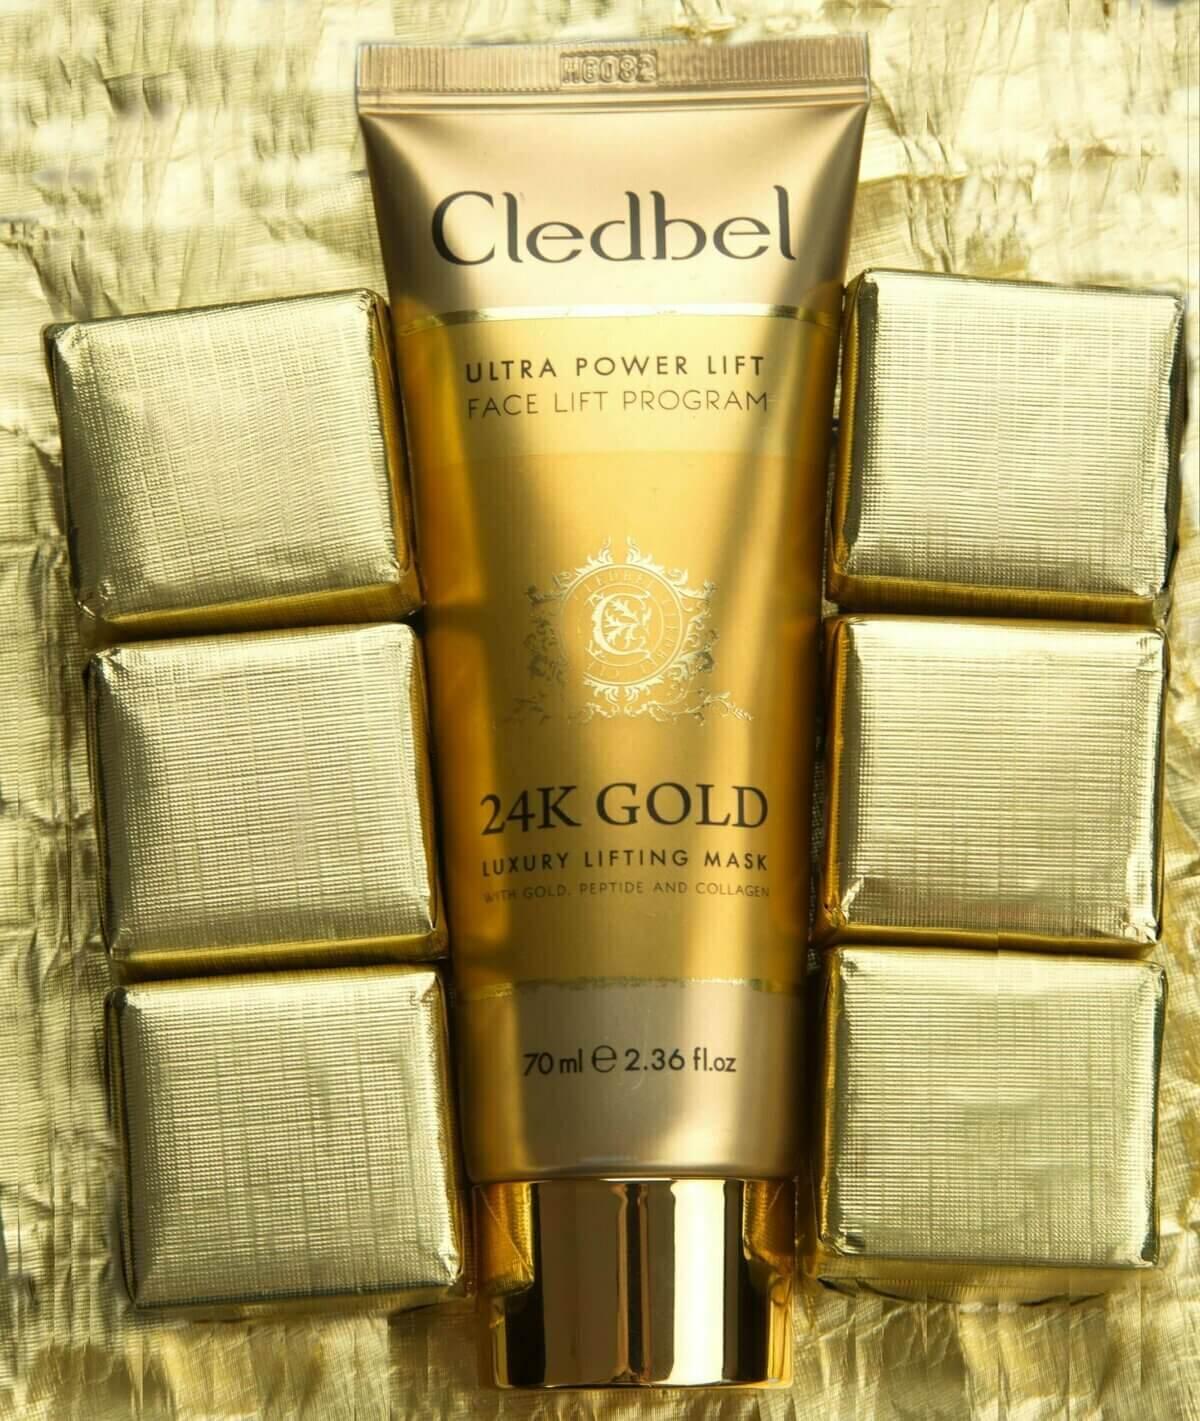 Купить Cledbel 24K Gold